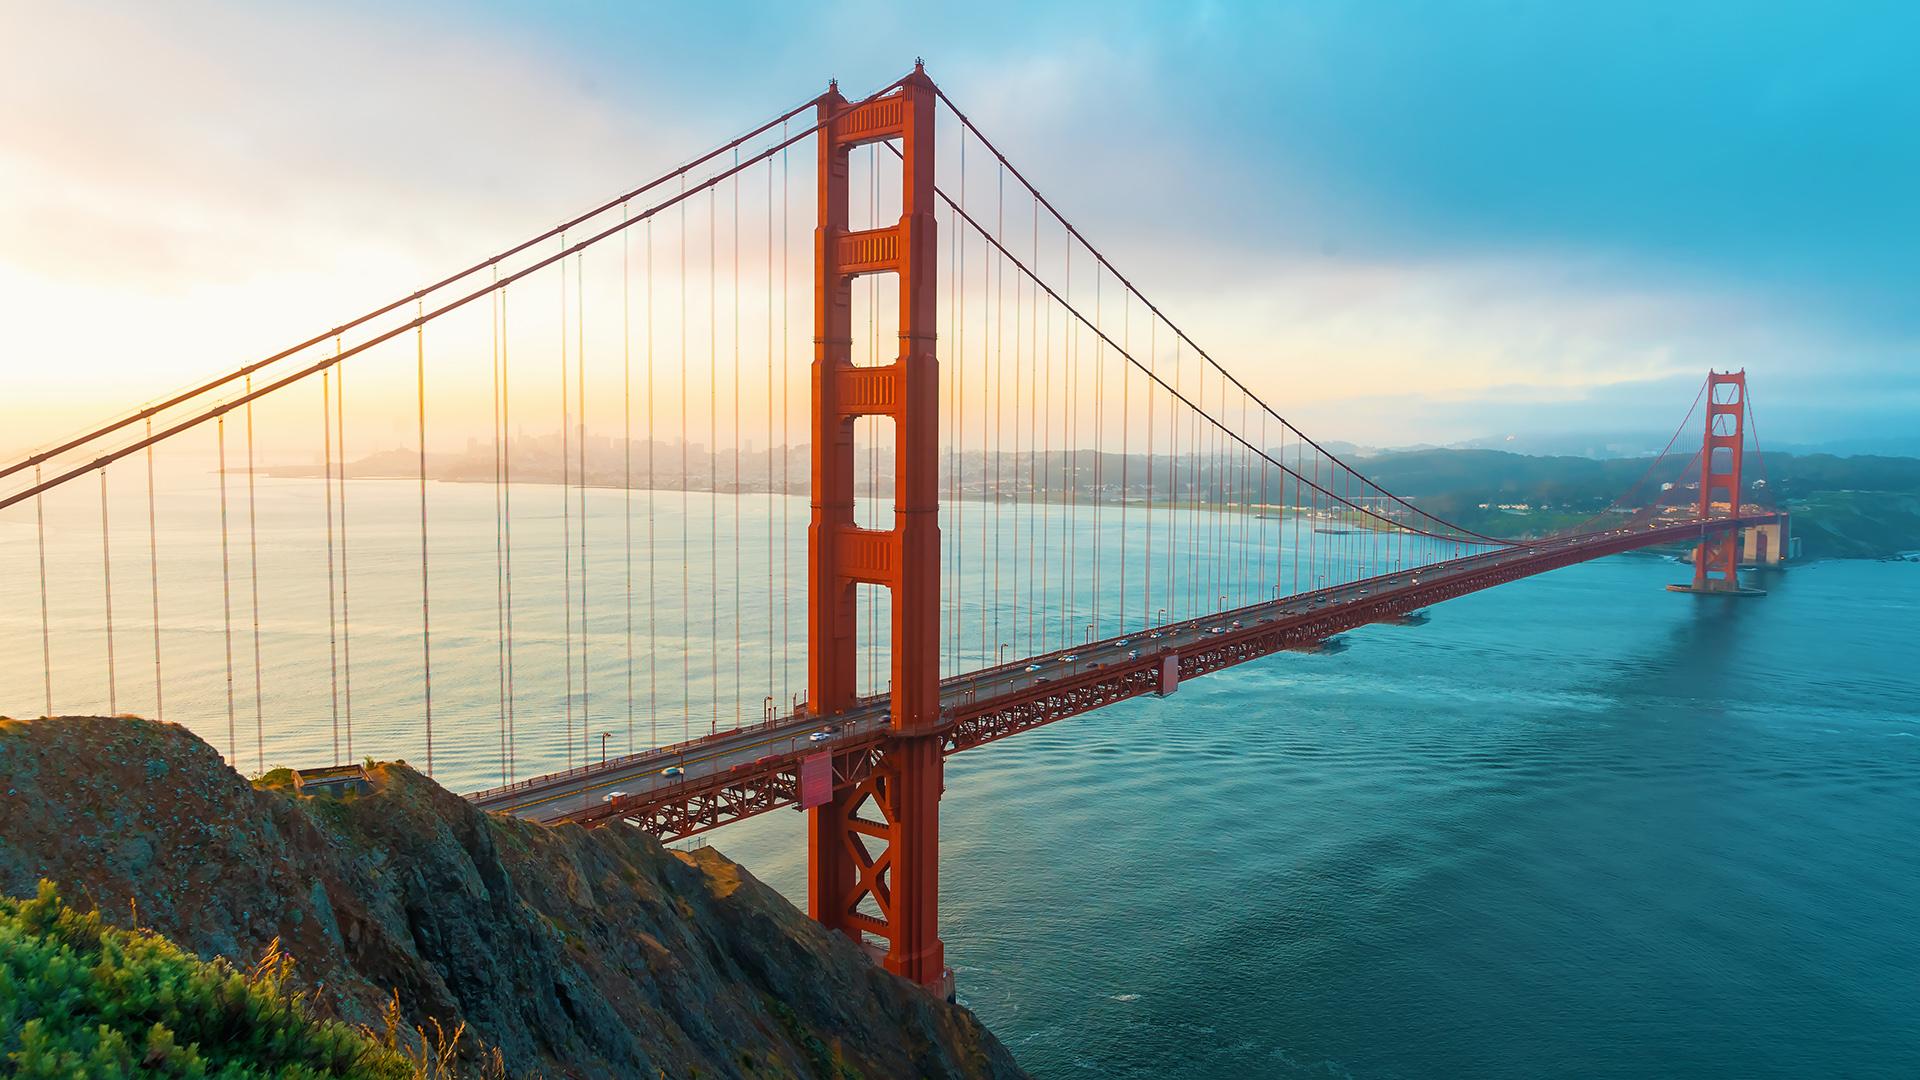 Una de las ciudades más vibrantes de California donde se destaca el famoso Golden Gate y todos quieren su foto, construido en estilo art deco y abierto en 1937. El siguiente hito para capturar con frecuencia la imaginación de Hollywood es la isla de Alcatraz